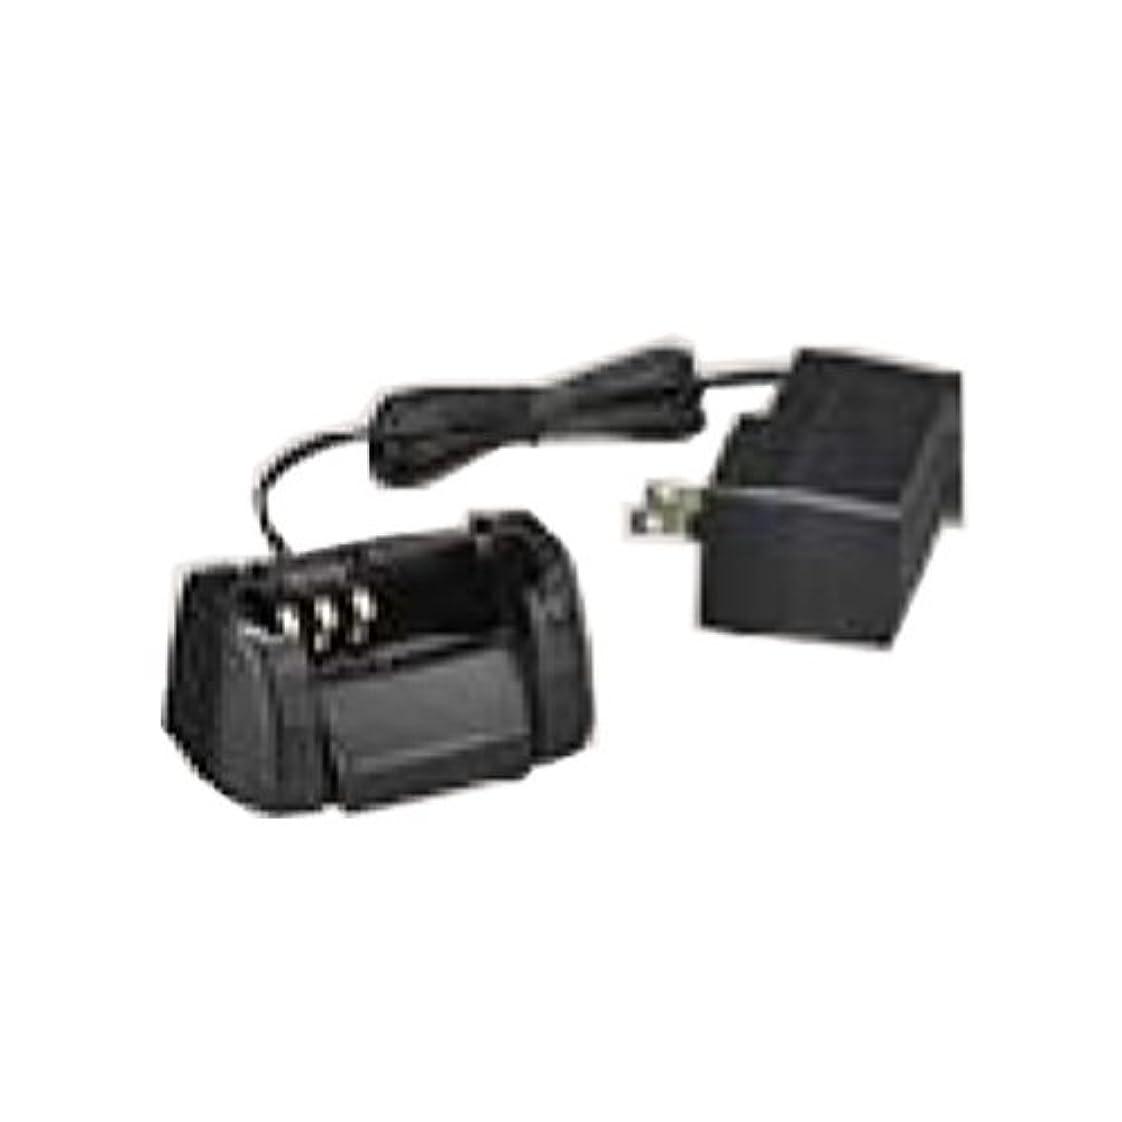 膿瘍エッセイバスルーム特定小電力トランシーバー CL120A/CL70A 充電器 SBH-17 八重洲無線